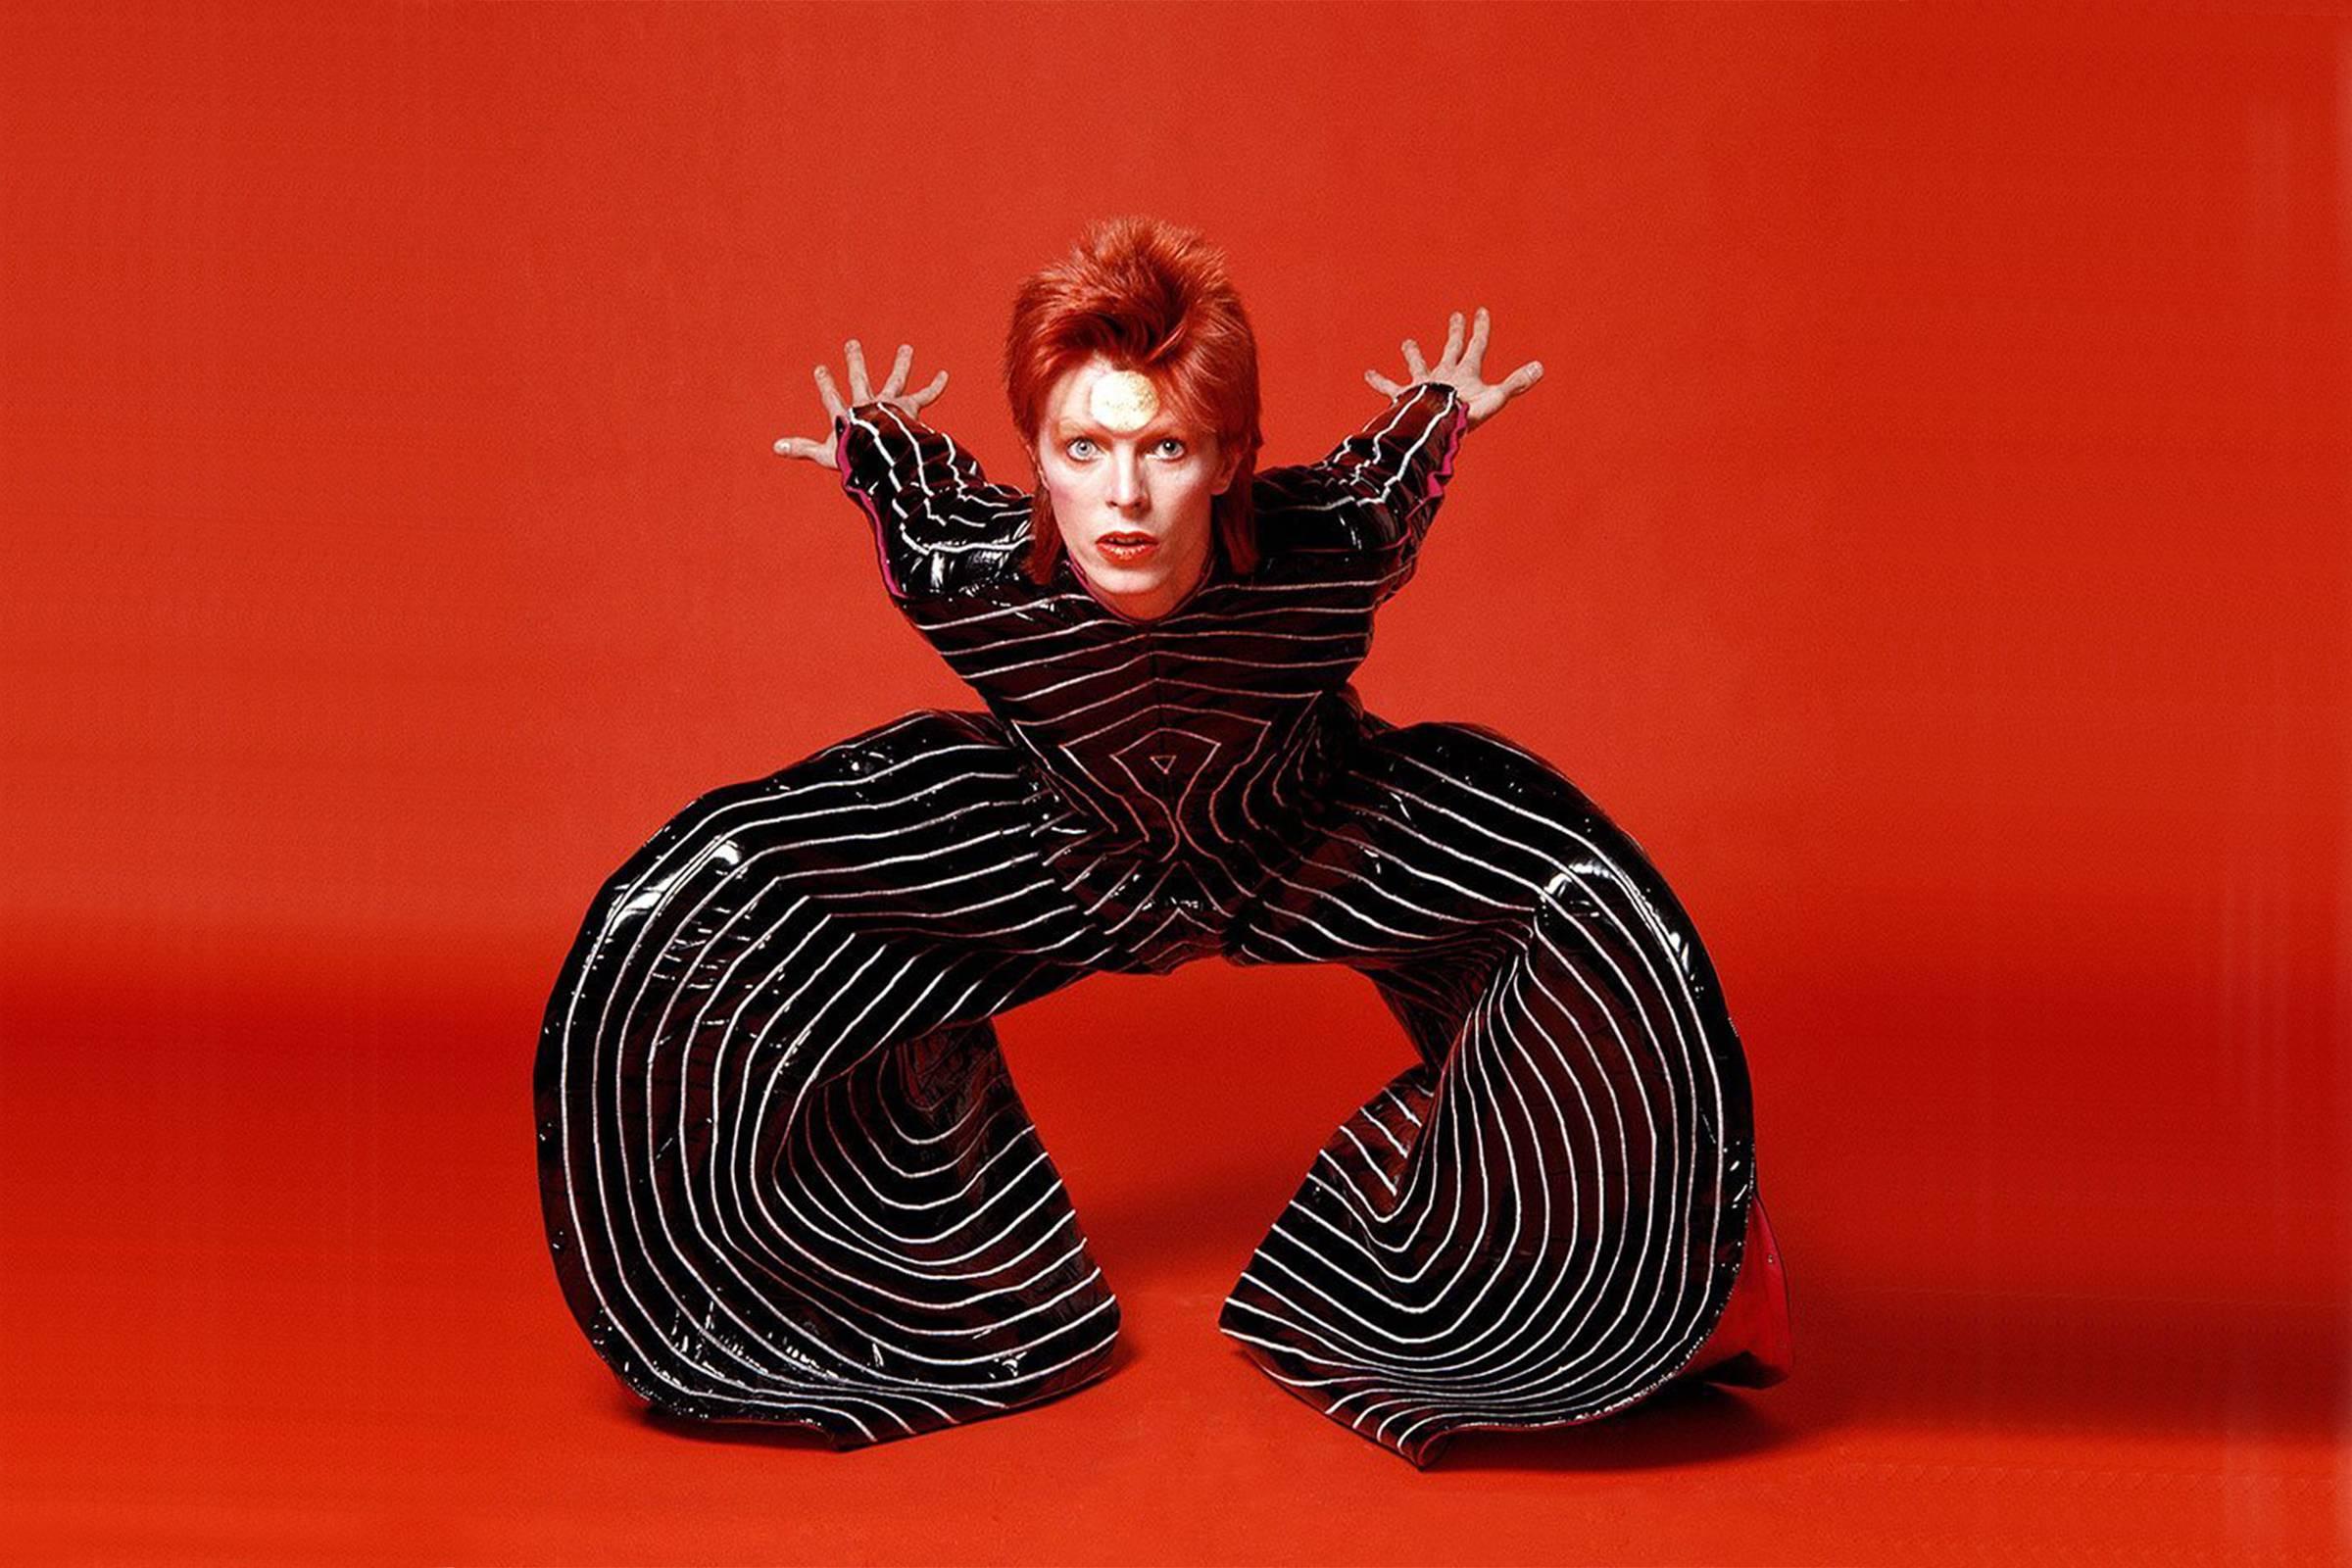 Дэвид Боуи в образе Зигги Стардаста в полосатом комбинезоне от Кансай Ямамото